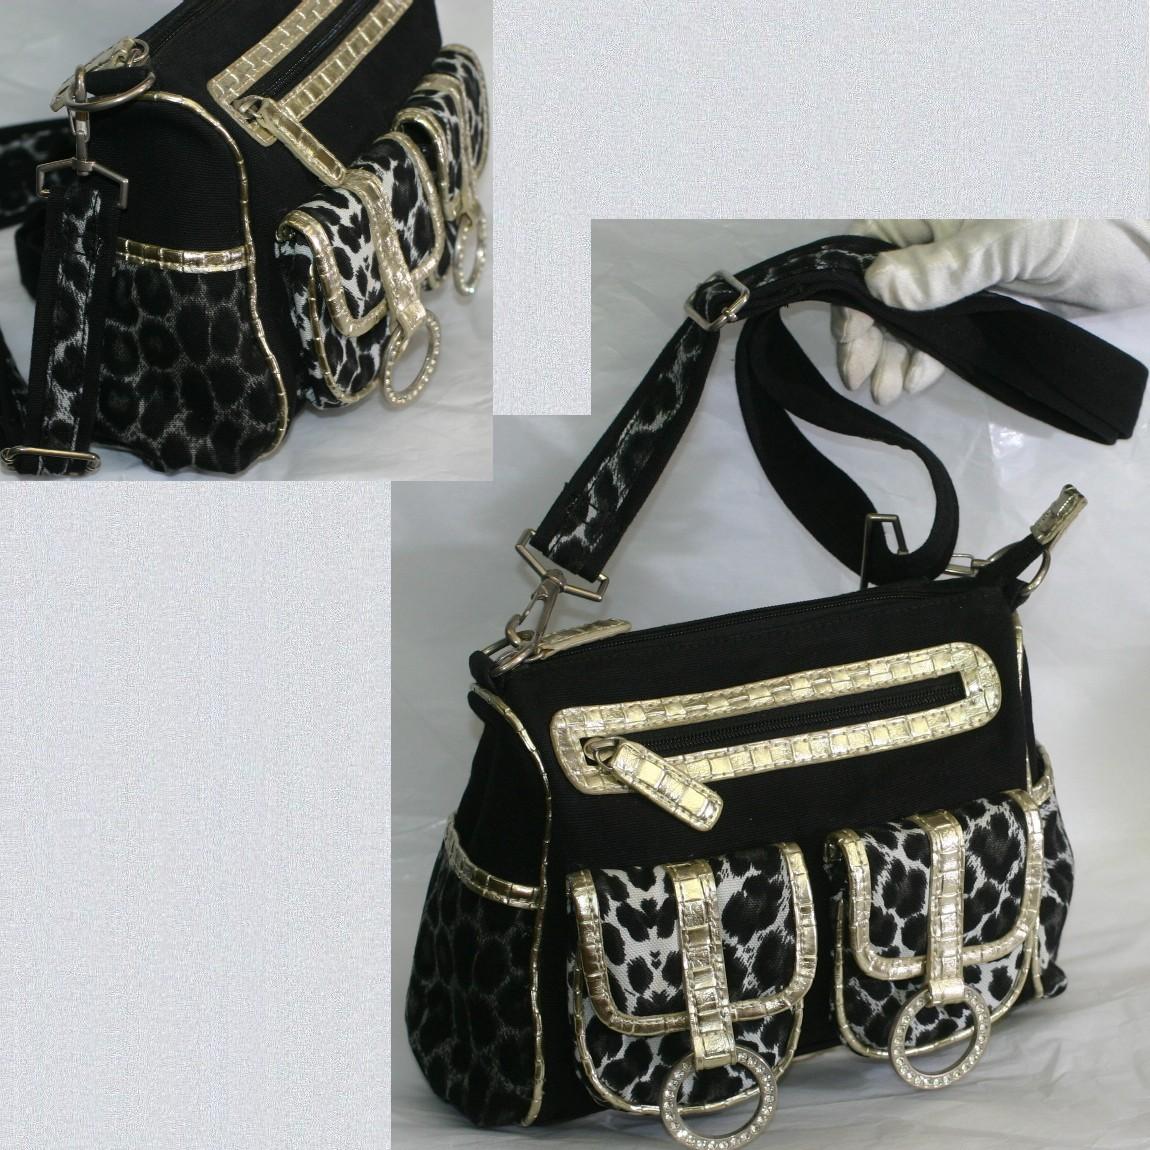 【中古】本物ほぼ新品伊太利亜の取り外し可能なショルダーストラップつきウエストバッグにも使用可能な斜め掛け可能なバッグ サイズW23H18D8cm